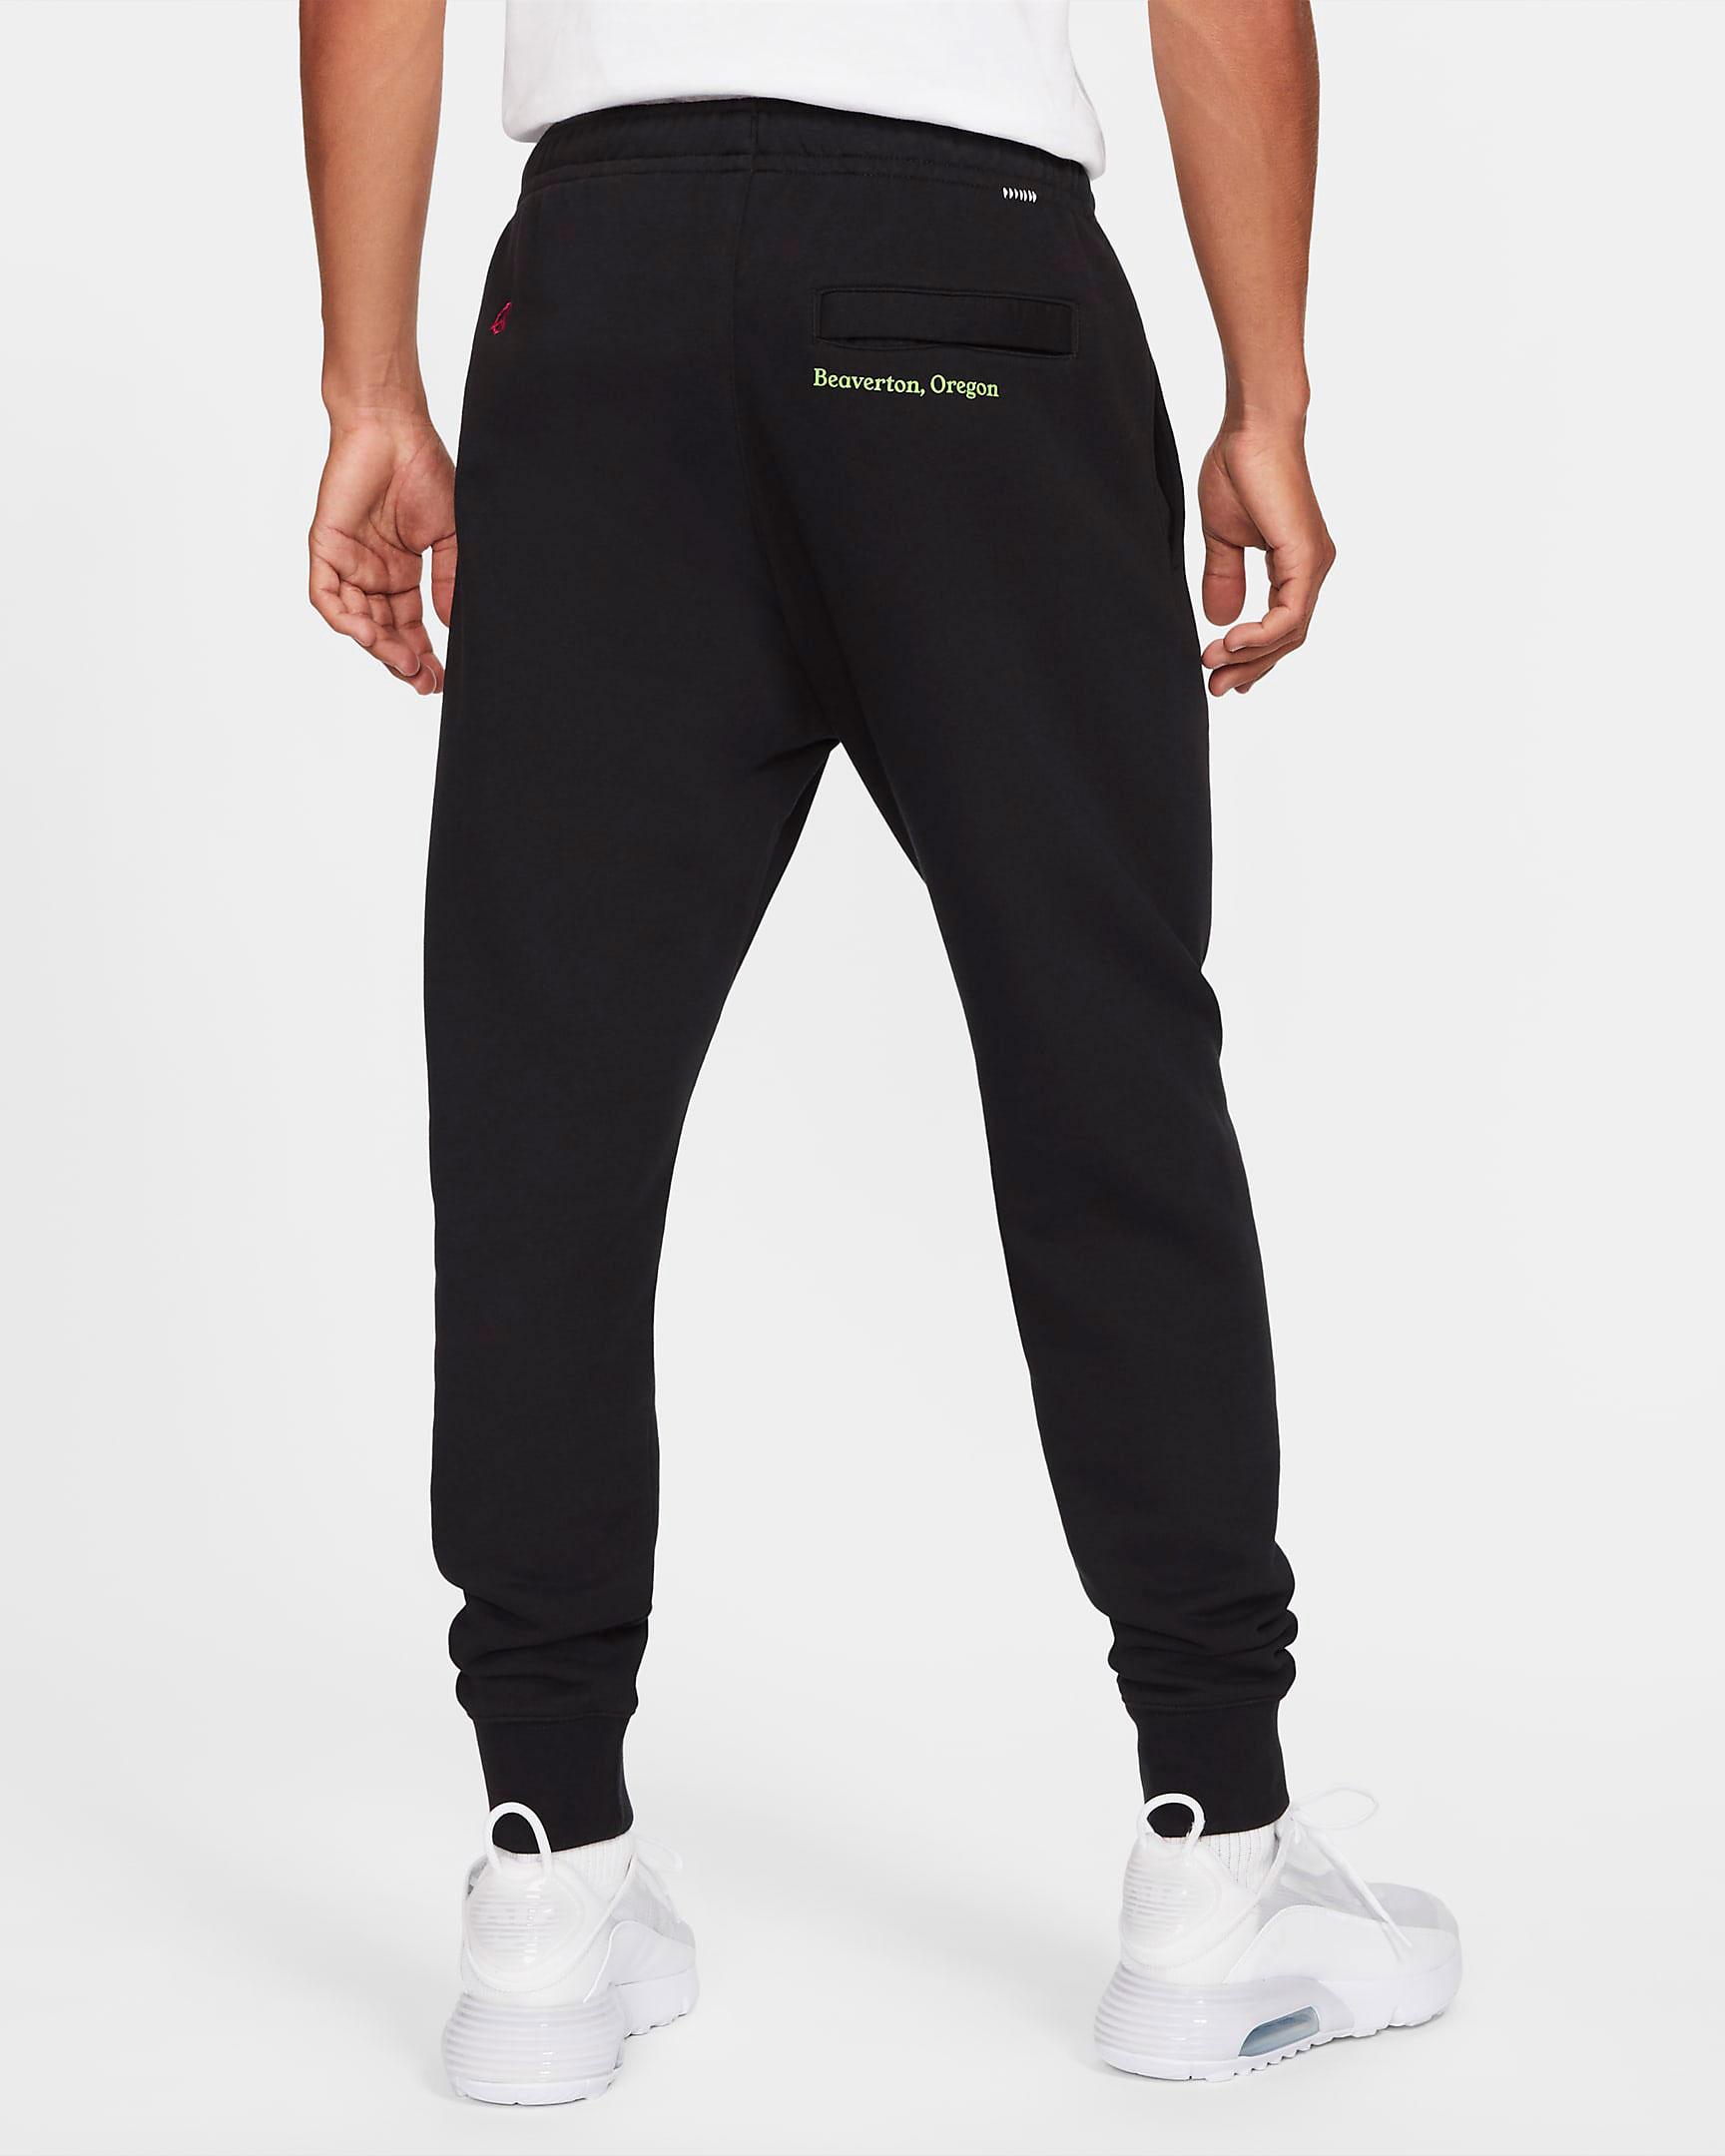 nike-world-tour-jogger-pants-black-2